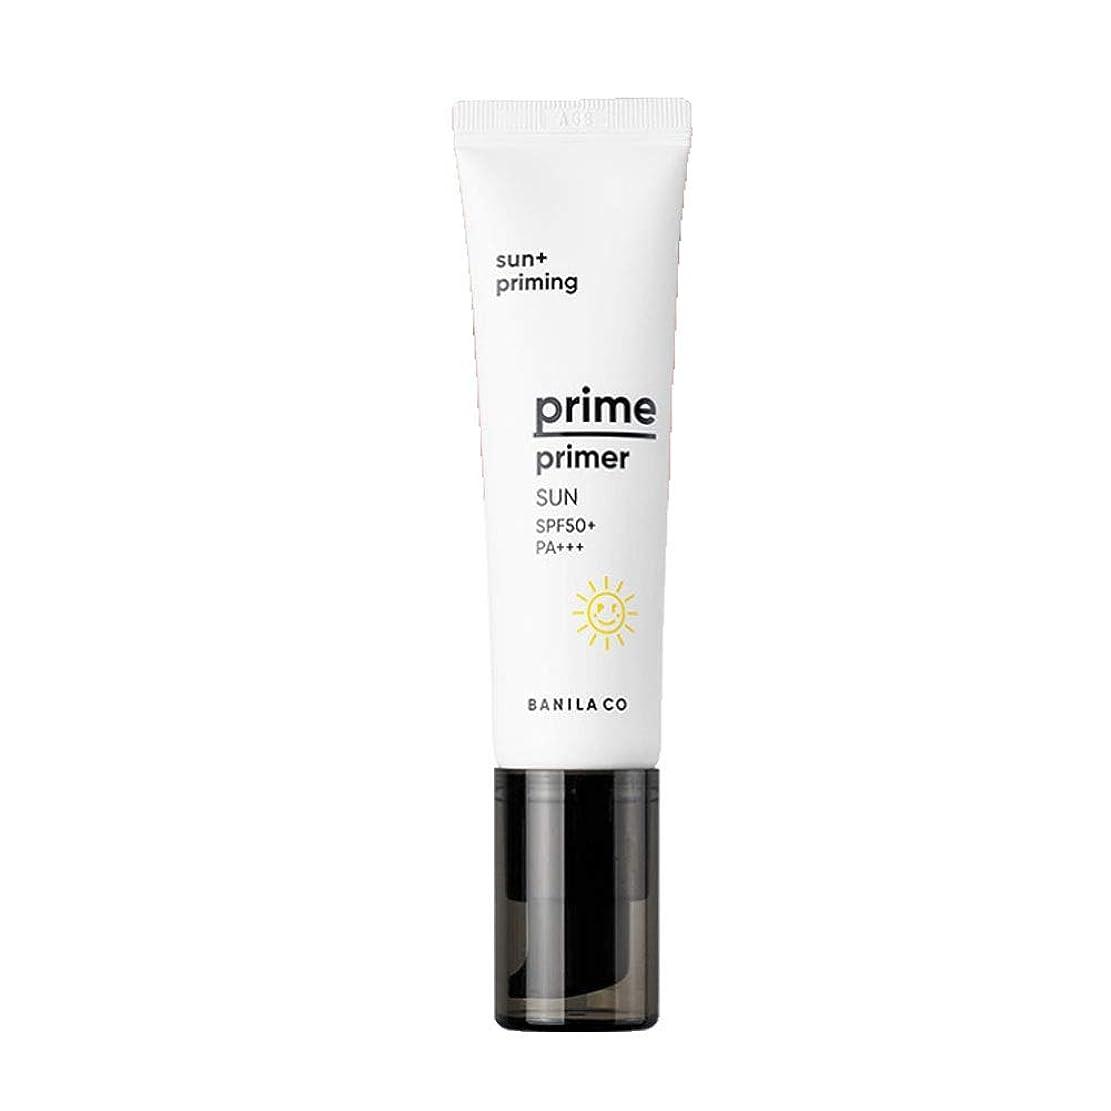 予報ミュウミュウ弱めるバニラコプライムプライマーサン30mlサンクリーム韓国コスメ、Banila Co Prime Primer Sun 30ml Sun Cream Korean Cosmetics [並行輸入品]